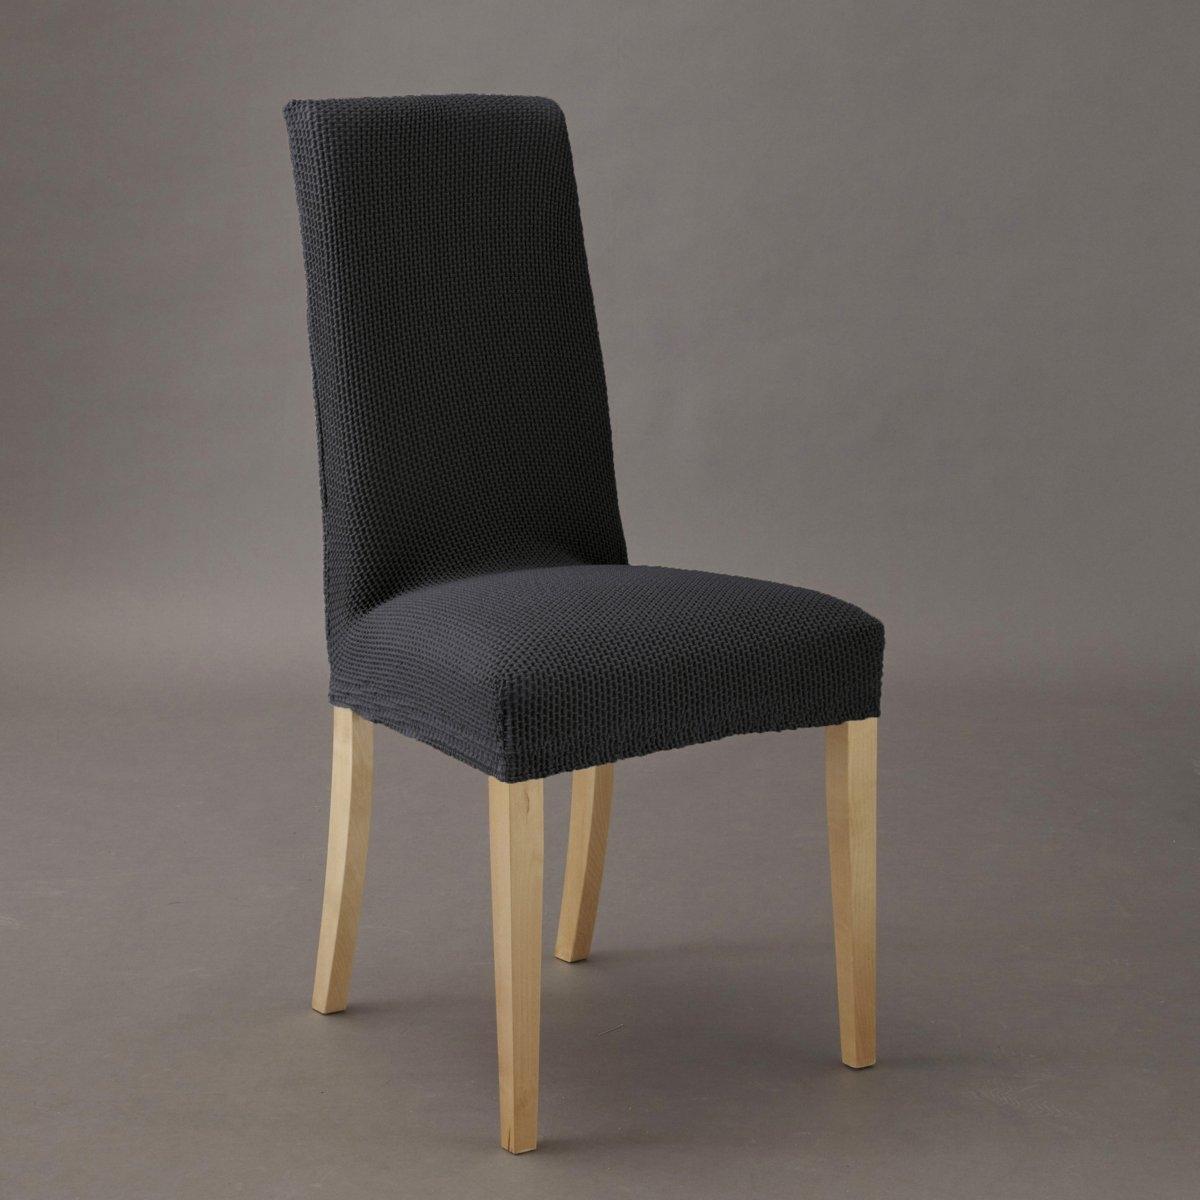 Чехол для стула АхмисОтличная идея для обновления интерьера! Сохраняет очертания стула и привносит новые мотивы в Ваш интерьер.Характеристики : -гофрированная ткань, 55% хлопка, 40% полиэстера, 5% эластана  стирка при 30° .  Эластичный низ, идеально обтягивает стул  !Размеры : Спинка :Высота  : 54 см максимум 68 см Ширина  : 34 см максимум 53 см Сиденье :Высота  : 10 см Ширина  : 29 см максимум 54 см Глубина : 26 см максимум 43 см Чехол для дивана и чехол для кресла из коллекции Вы можете найти на laredoute . ru .<br><br>Цвет: антрацит,бежевый,красный,серо-коричневый каштан,серый,черный,экрю<br>Размер: единый размер.единый размер.единый размер